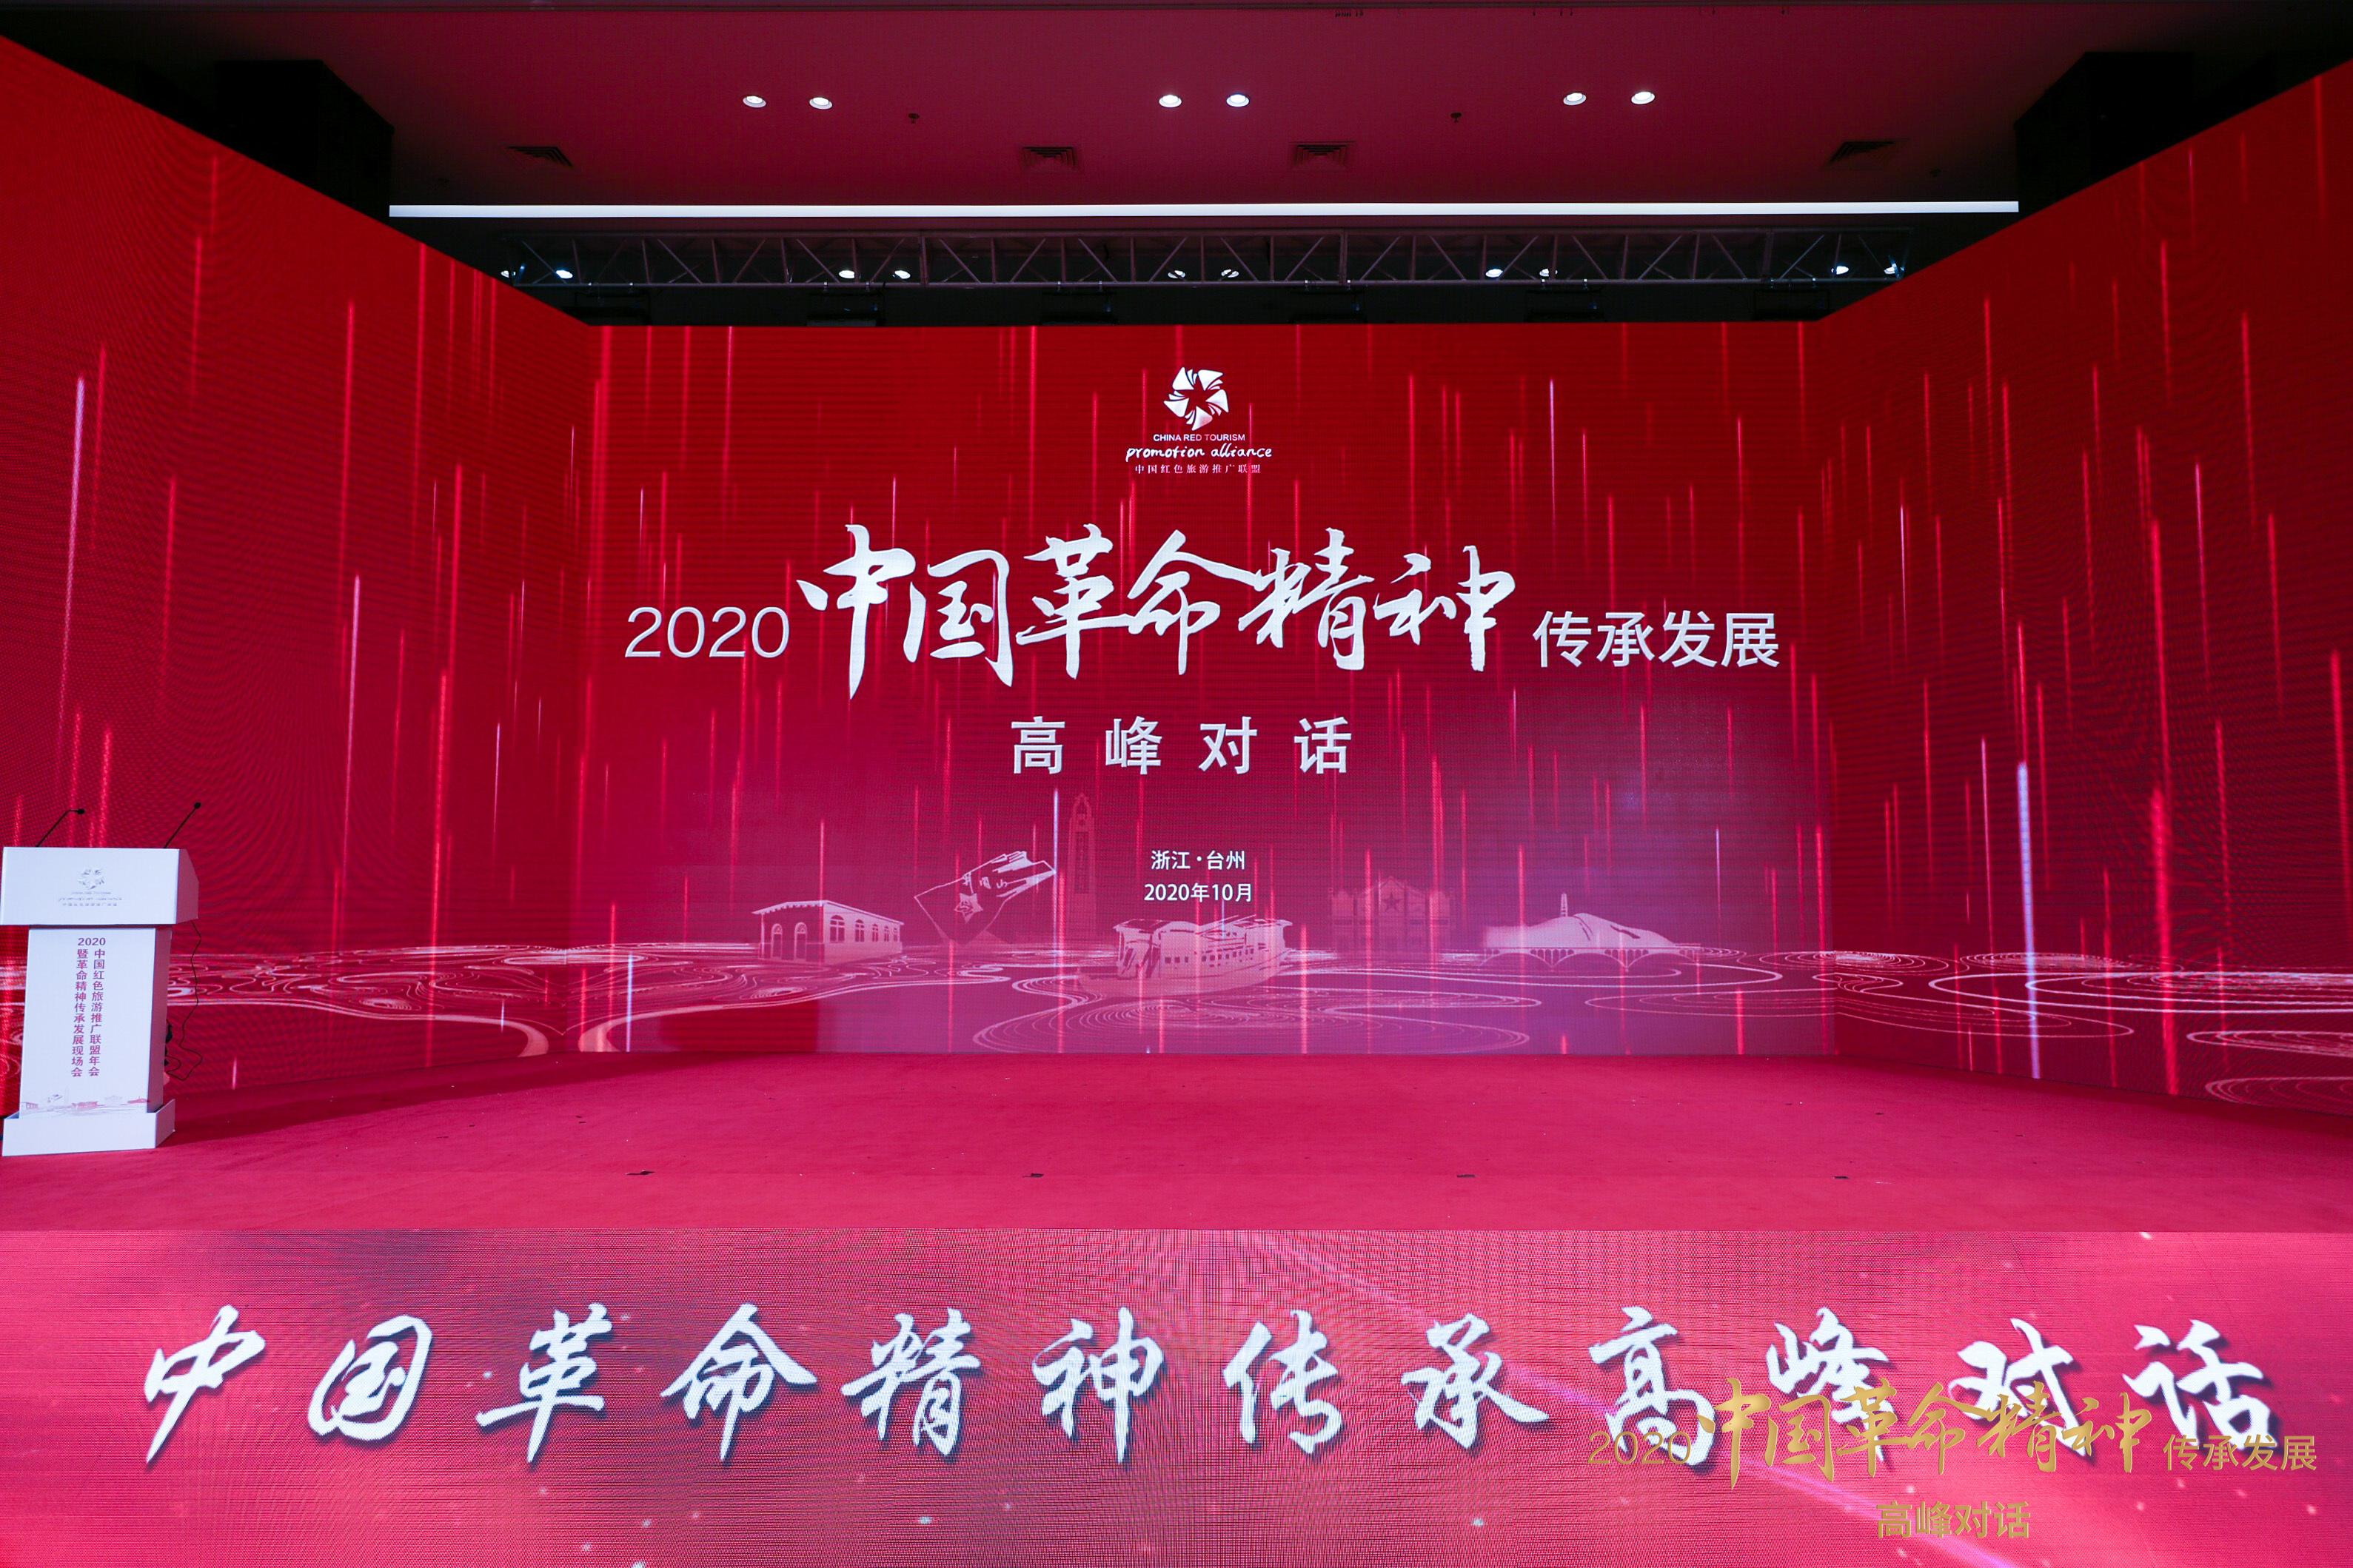 2020中国红色旅游推广联盟年会暨革命精神传承发展主题活动今日在浙江台州隆重举办